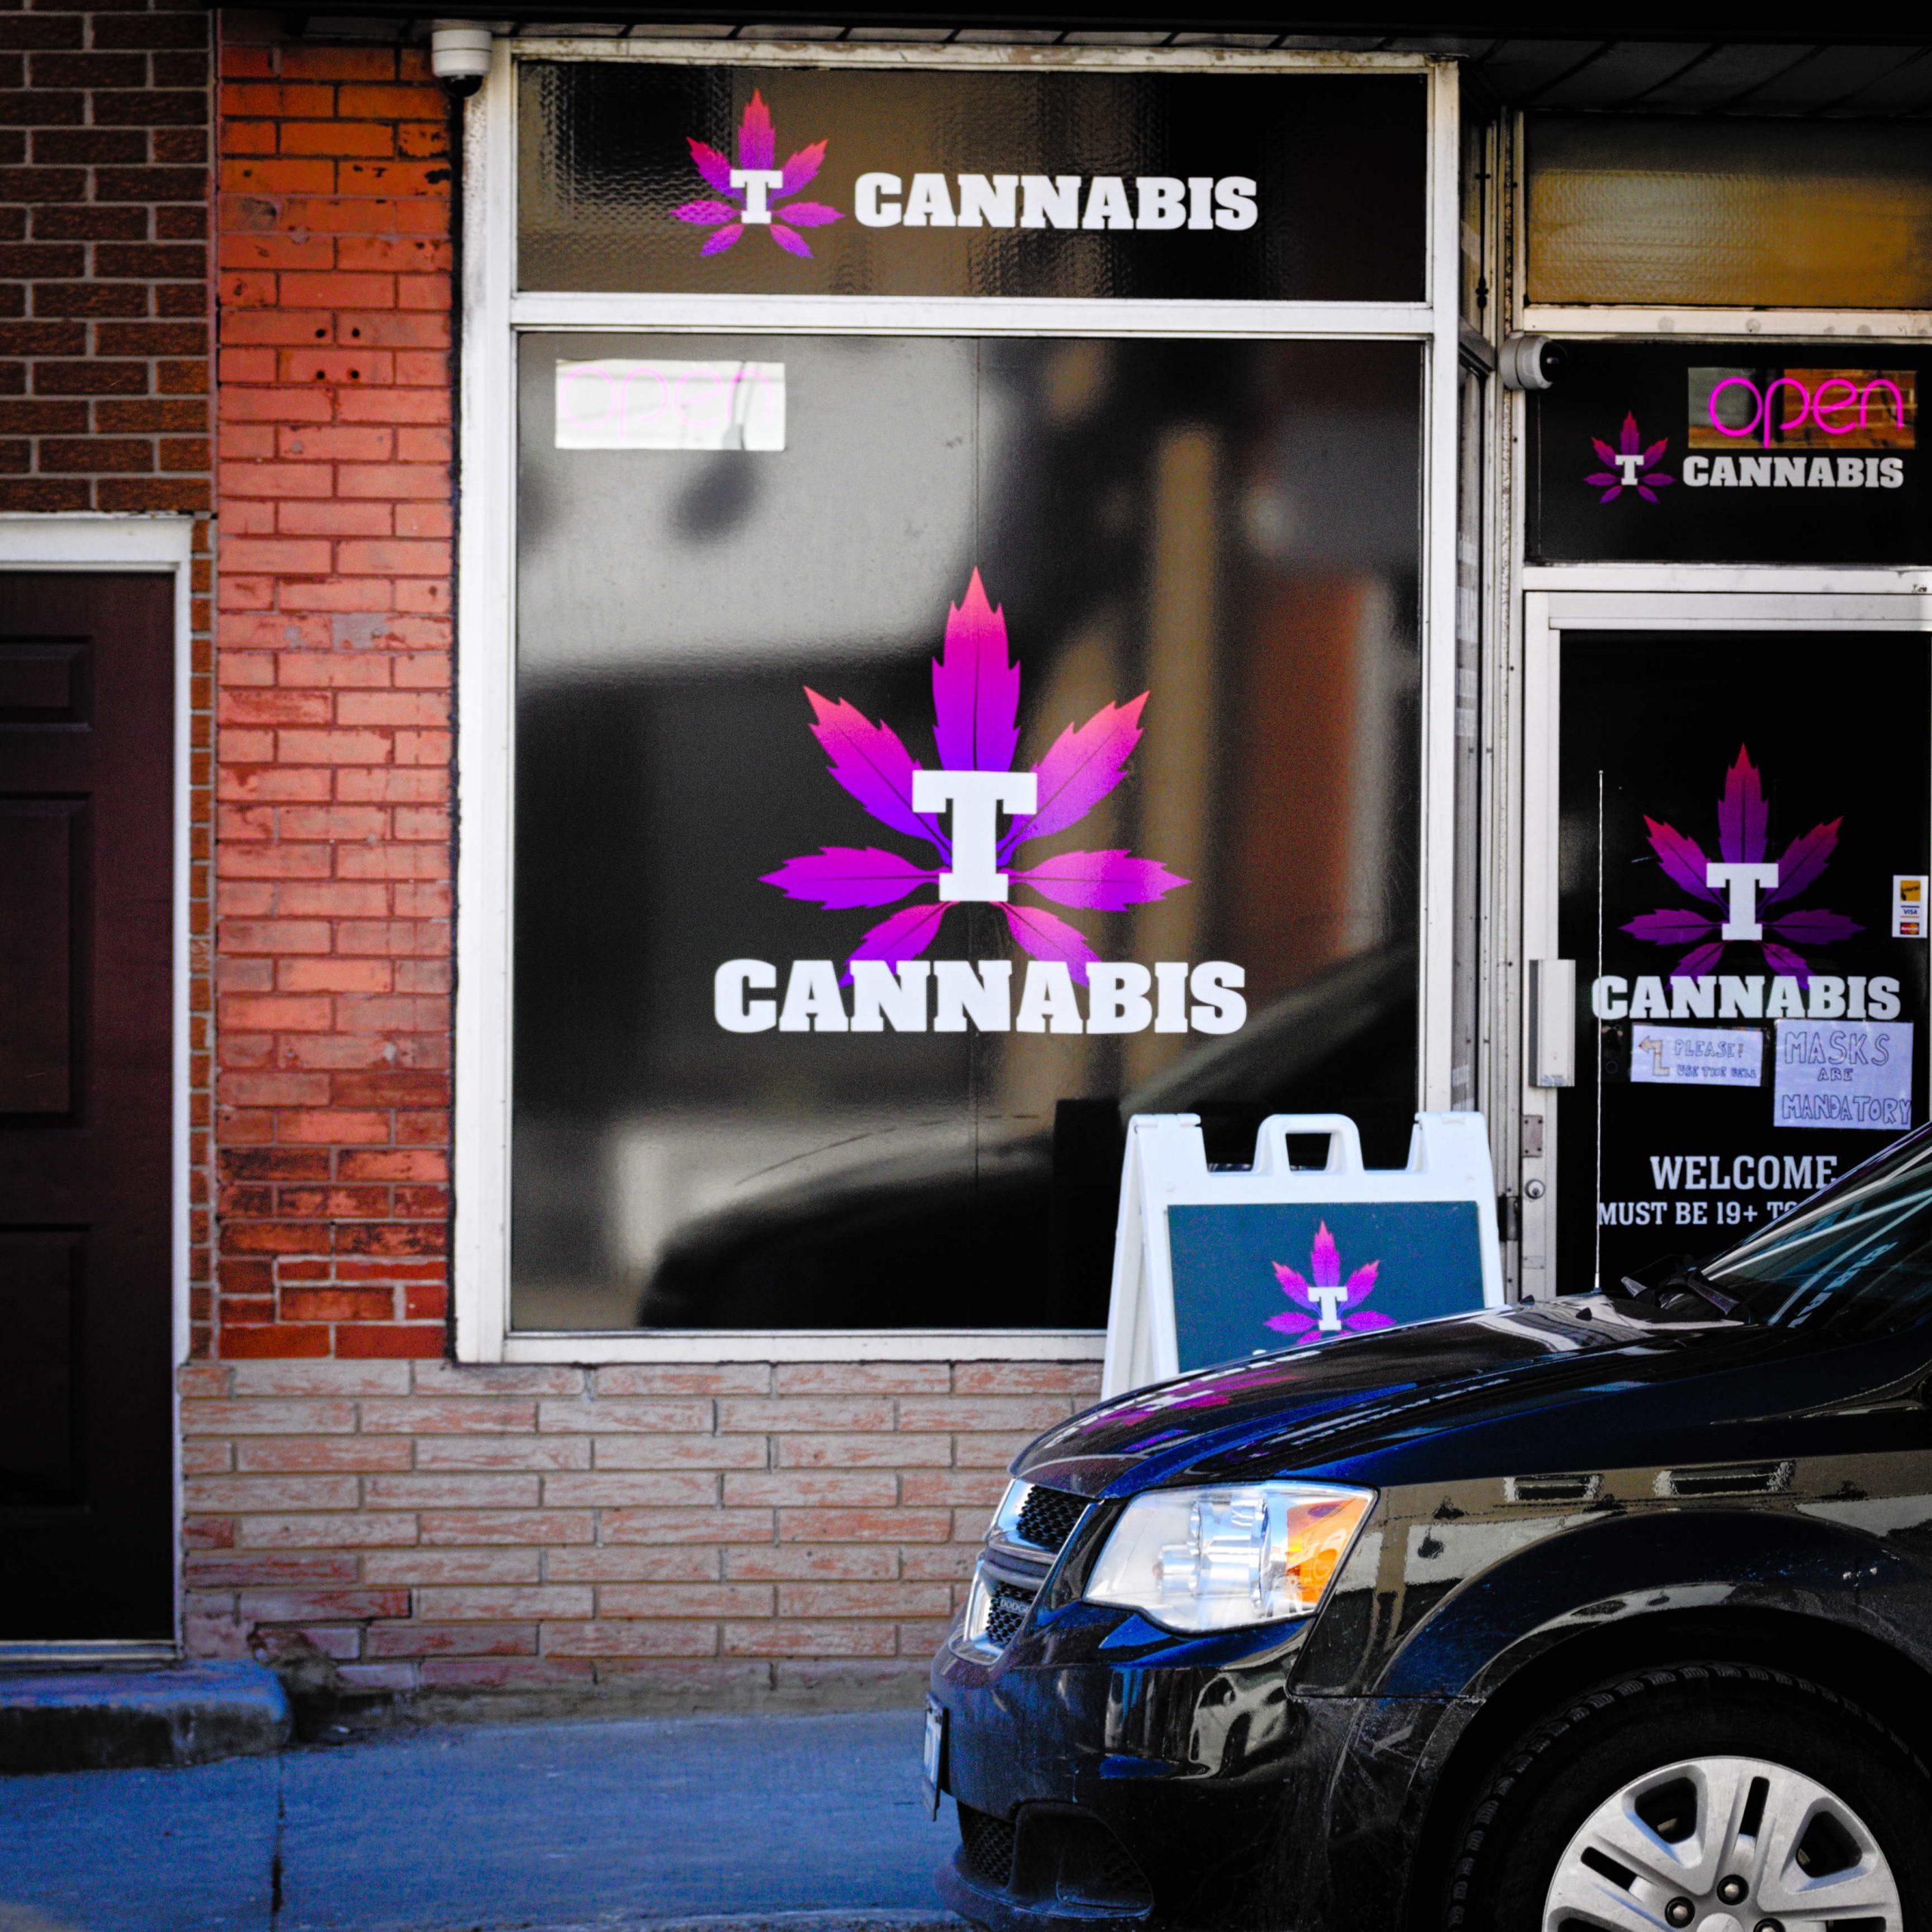 T Cannabis